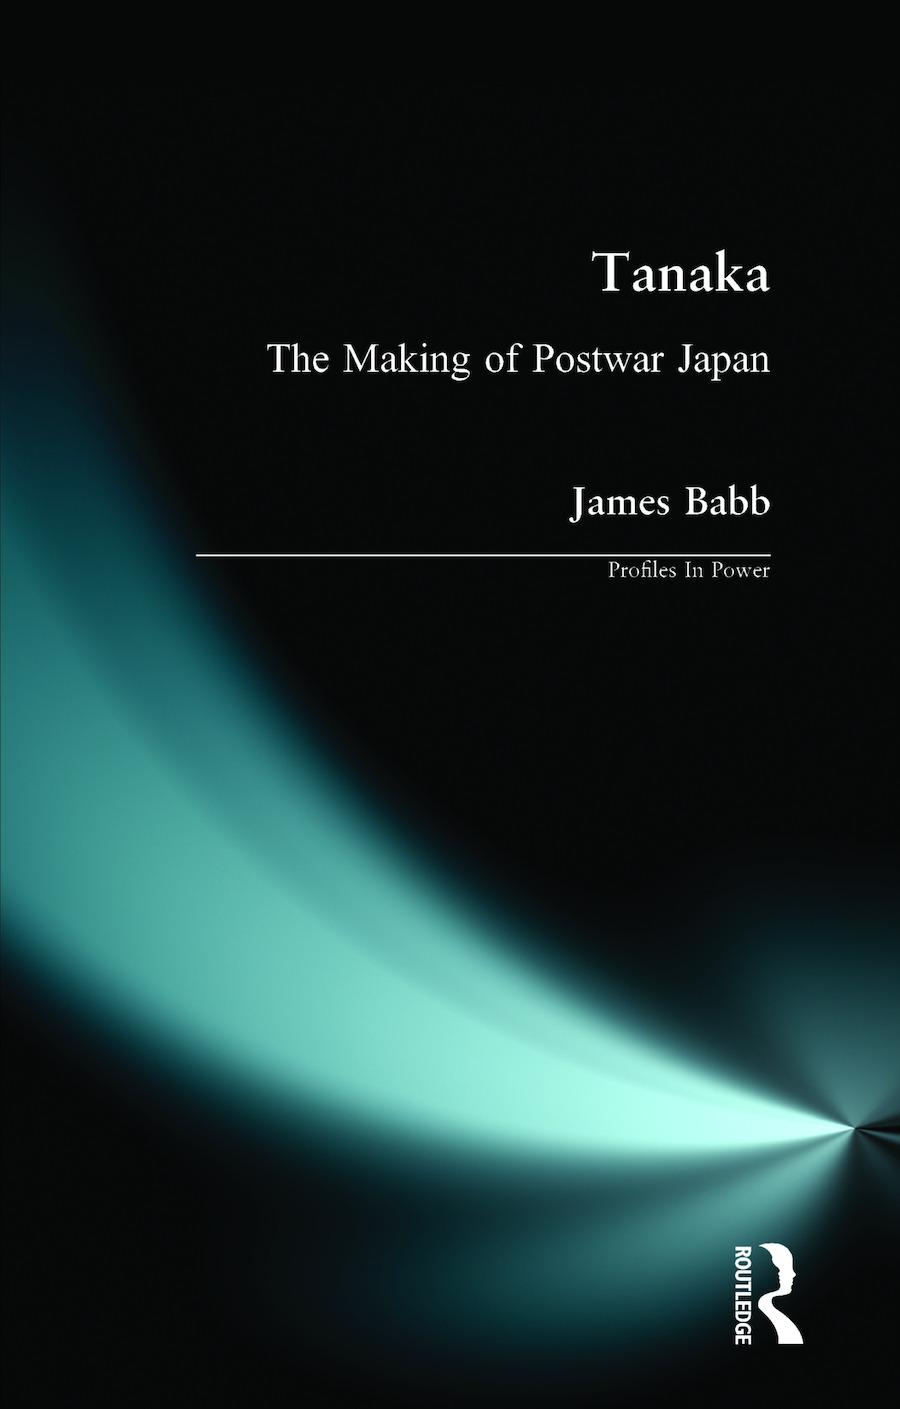 Tanaka: The Making of Postwar Japan book cover